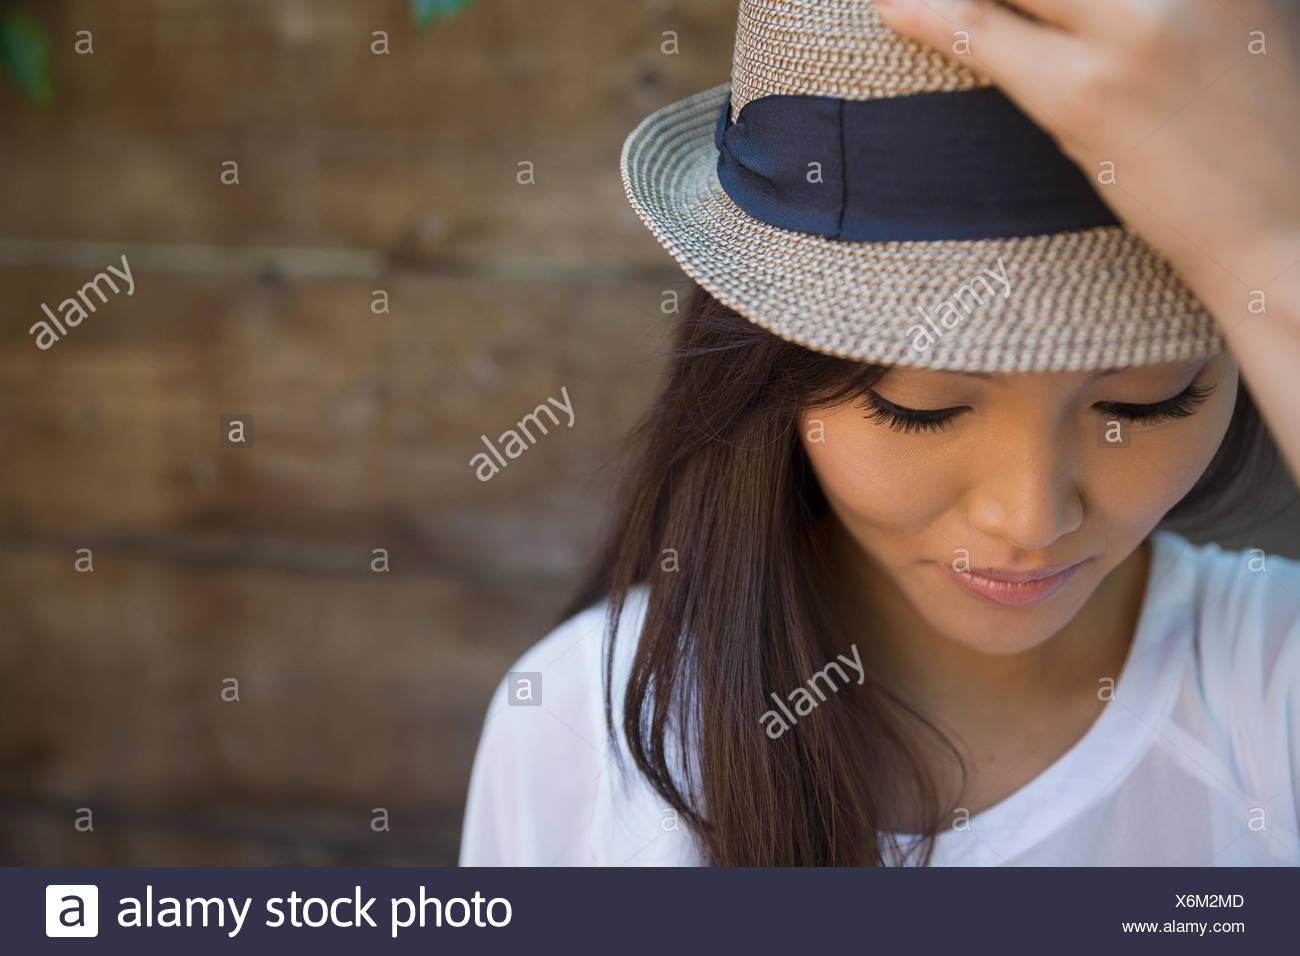 Porträt Ernst Frau mit Hut, die auf der Suche nach unten Stockbild